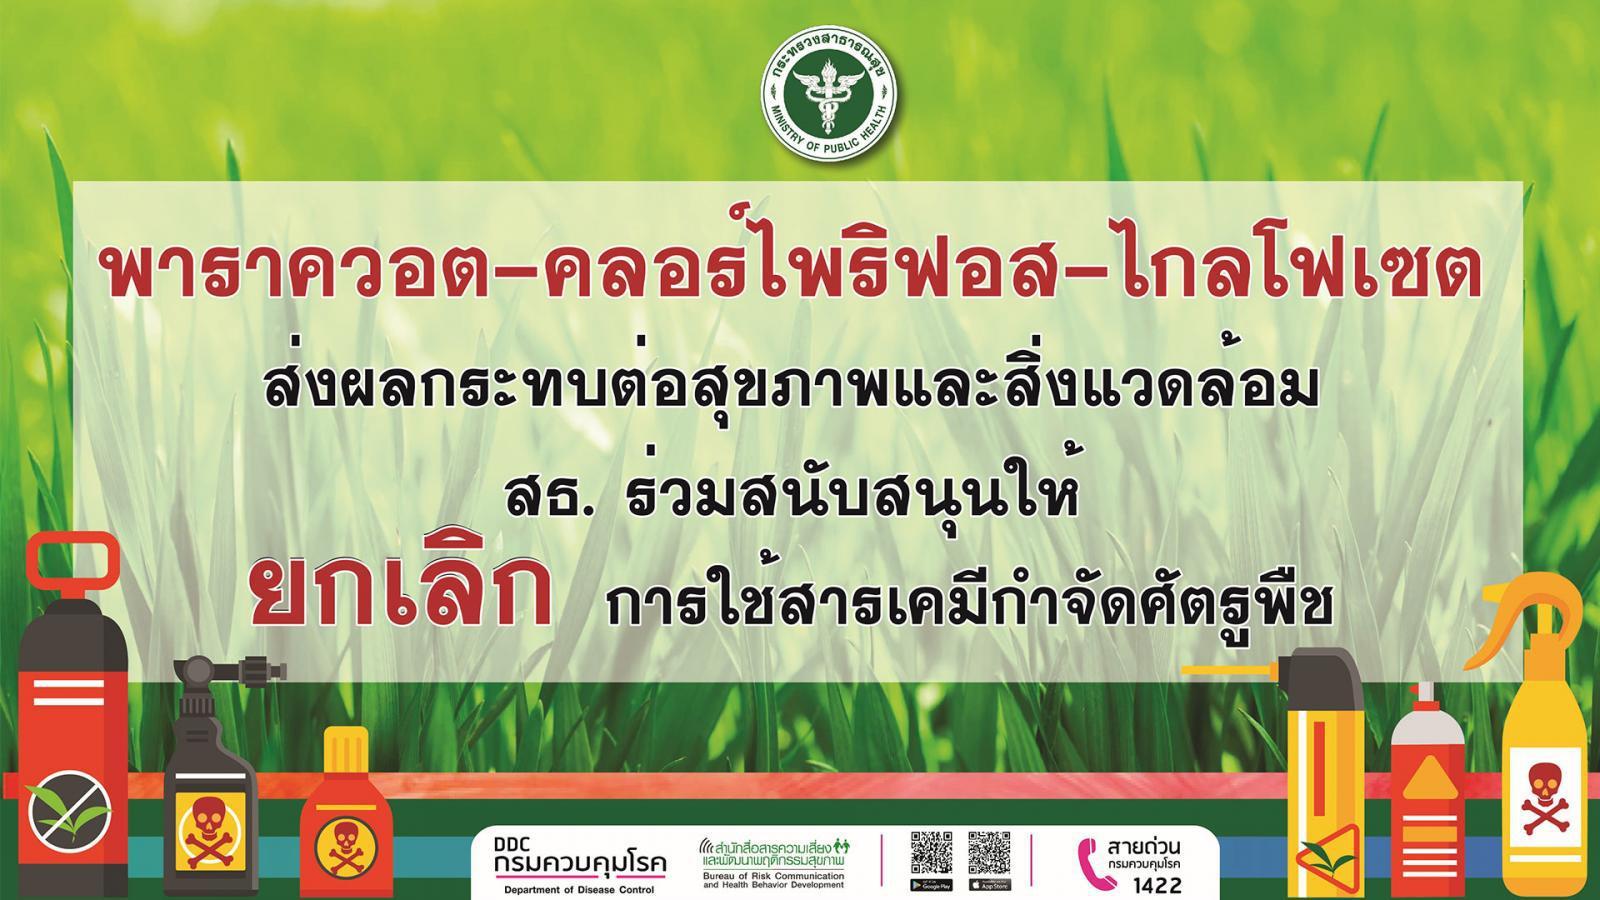 เปิดผลสำรวจพบปชช.ห่วงสุขภาพ เล็งเห็นพิษภัยจาก 3 สารเคมีทางการเกษตร